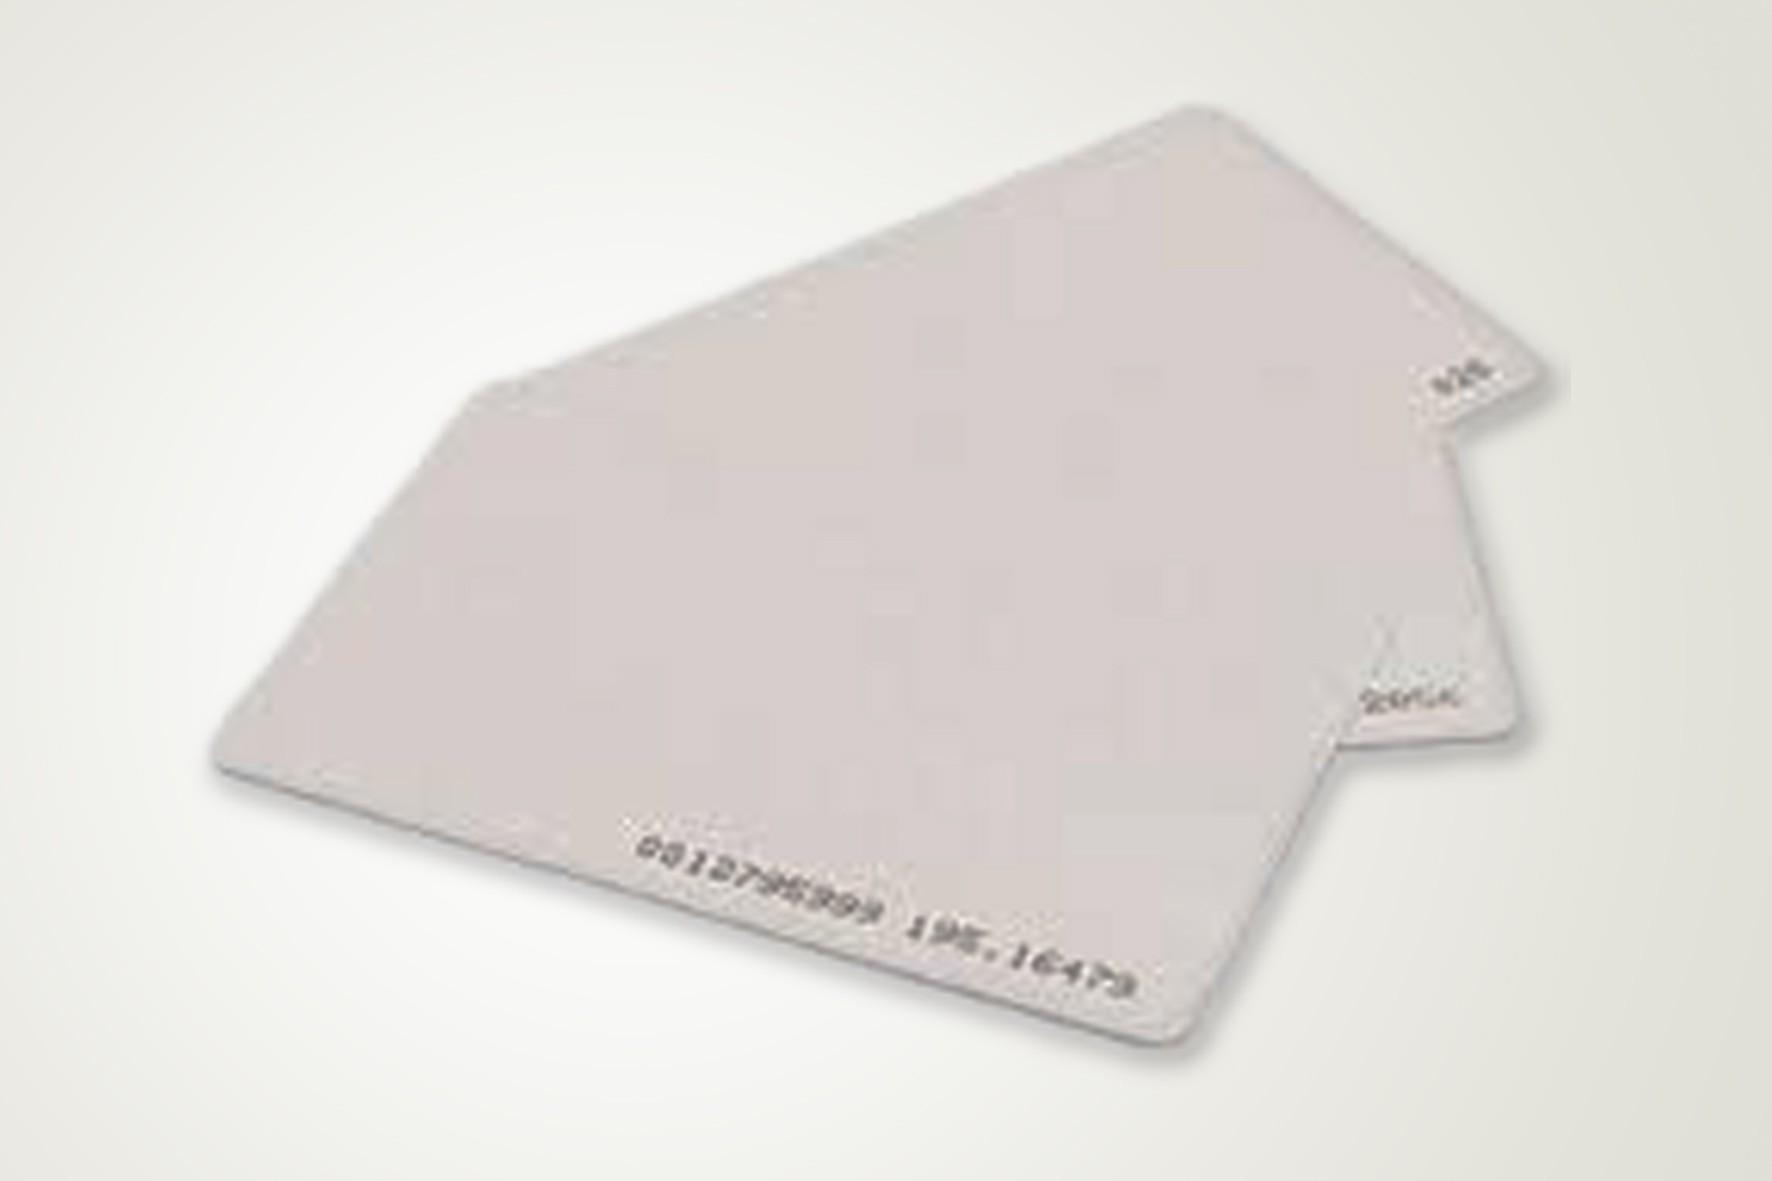 Cartões com Chip de Proximidade no Conjunto Promorar Sapopemba - Cartão Fidelidade em São Paulo